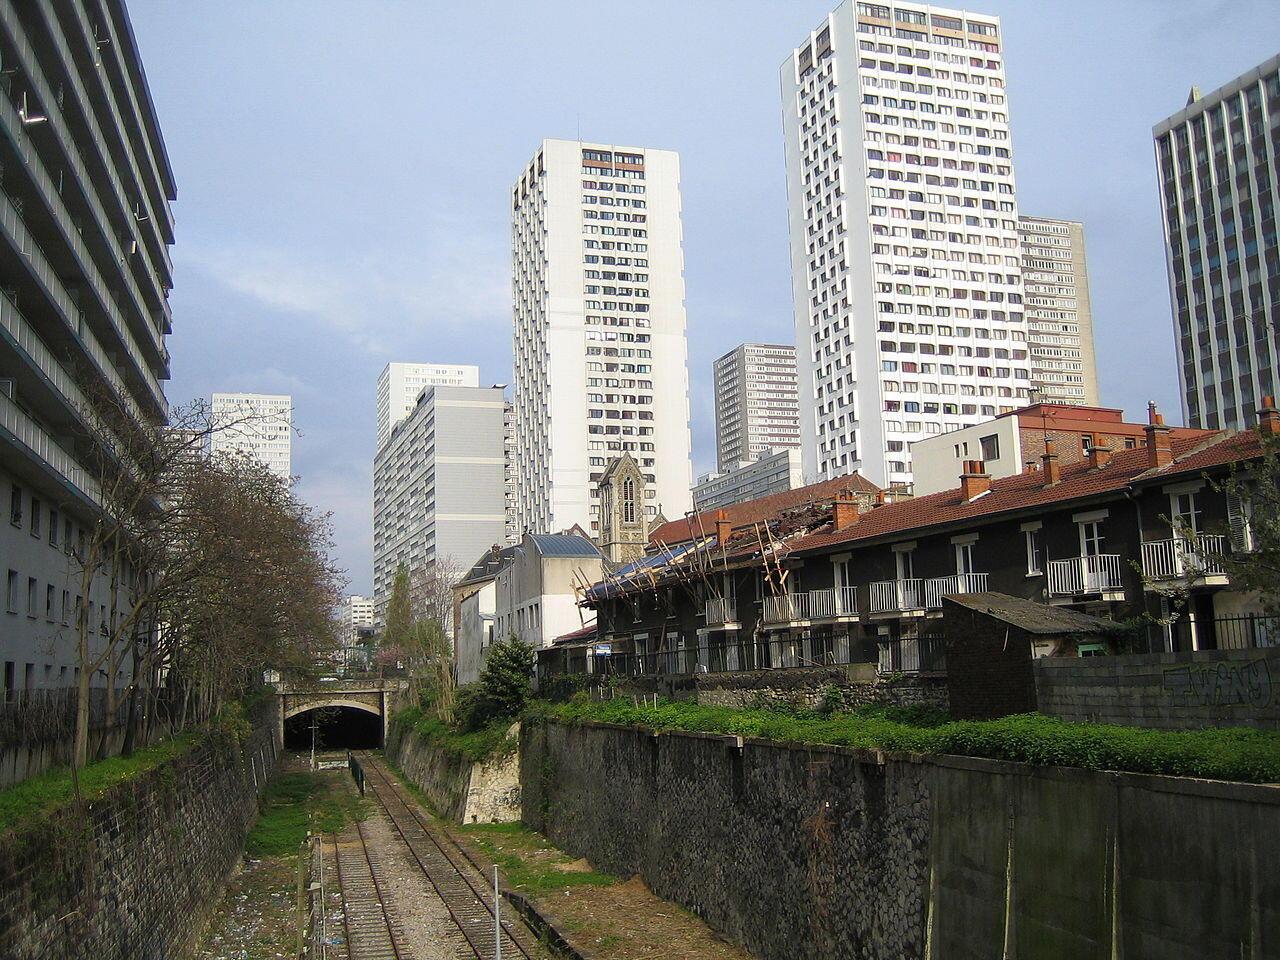 Đường sắt bỏ hoang trong khu châu Á, quận 13, bên cạnh là những khu chung cư cao tầng.